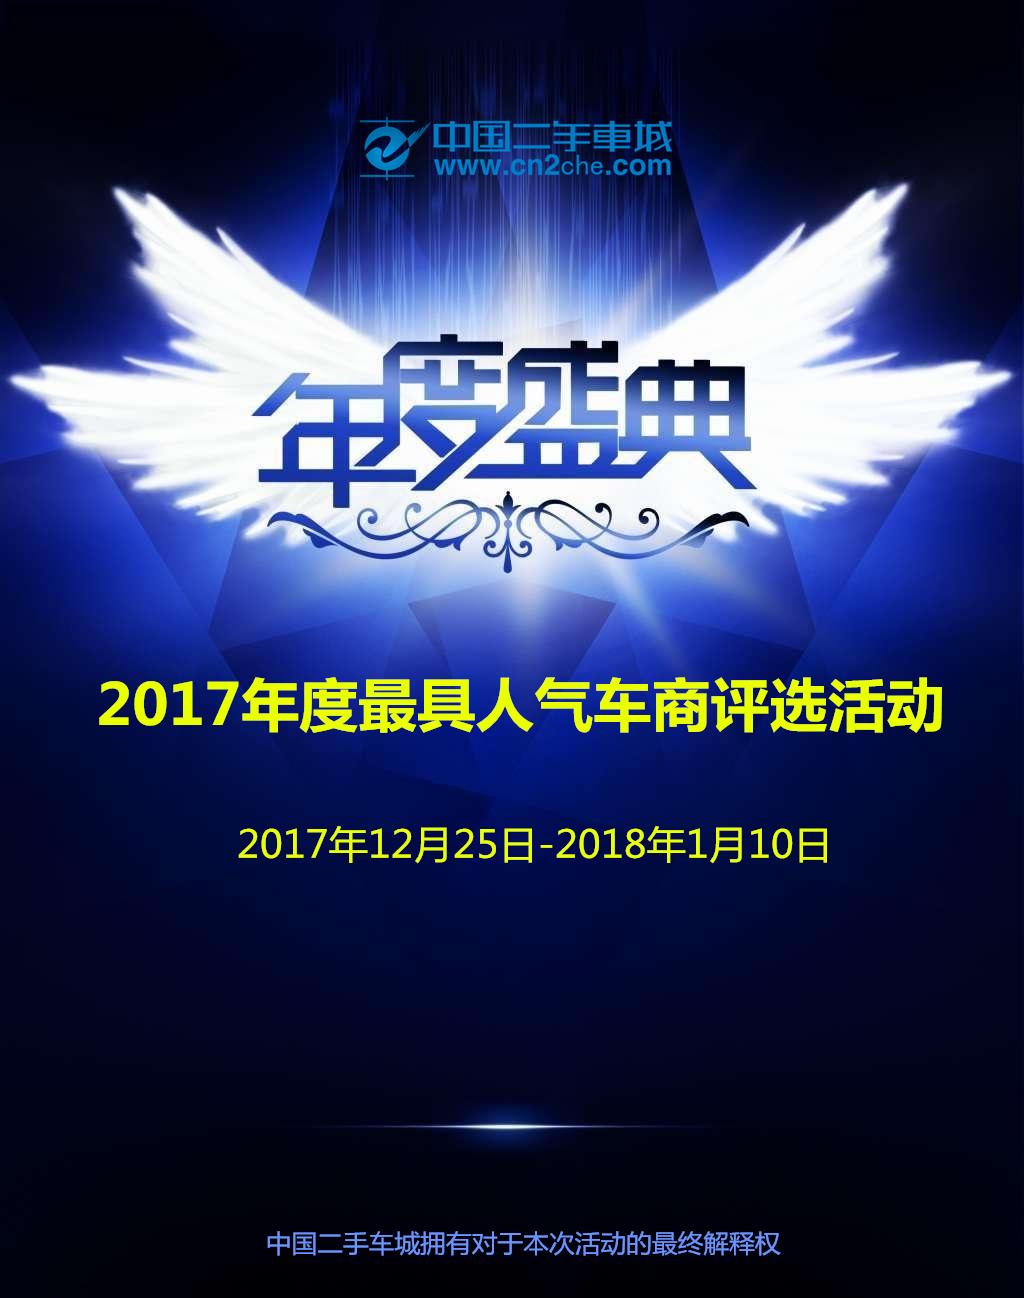 中国博猫娱乐游戏城2017年度最具人气车商评选活动开始